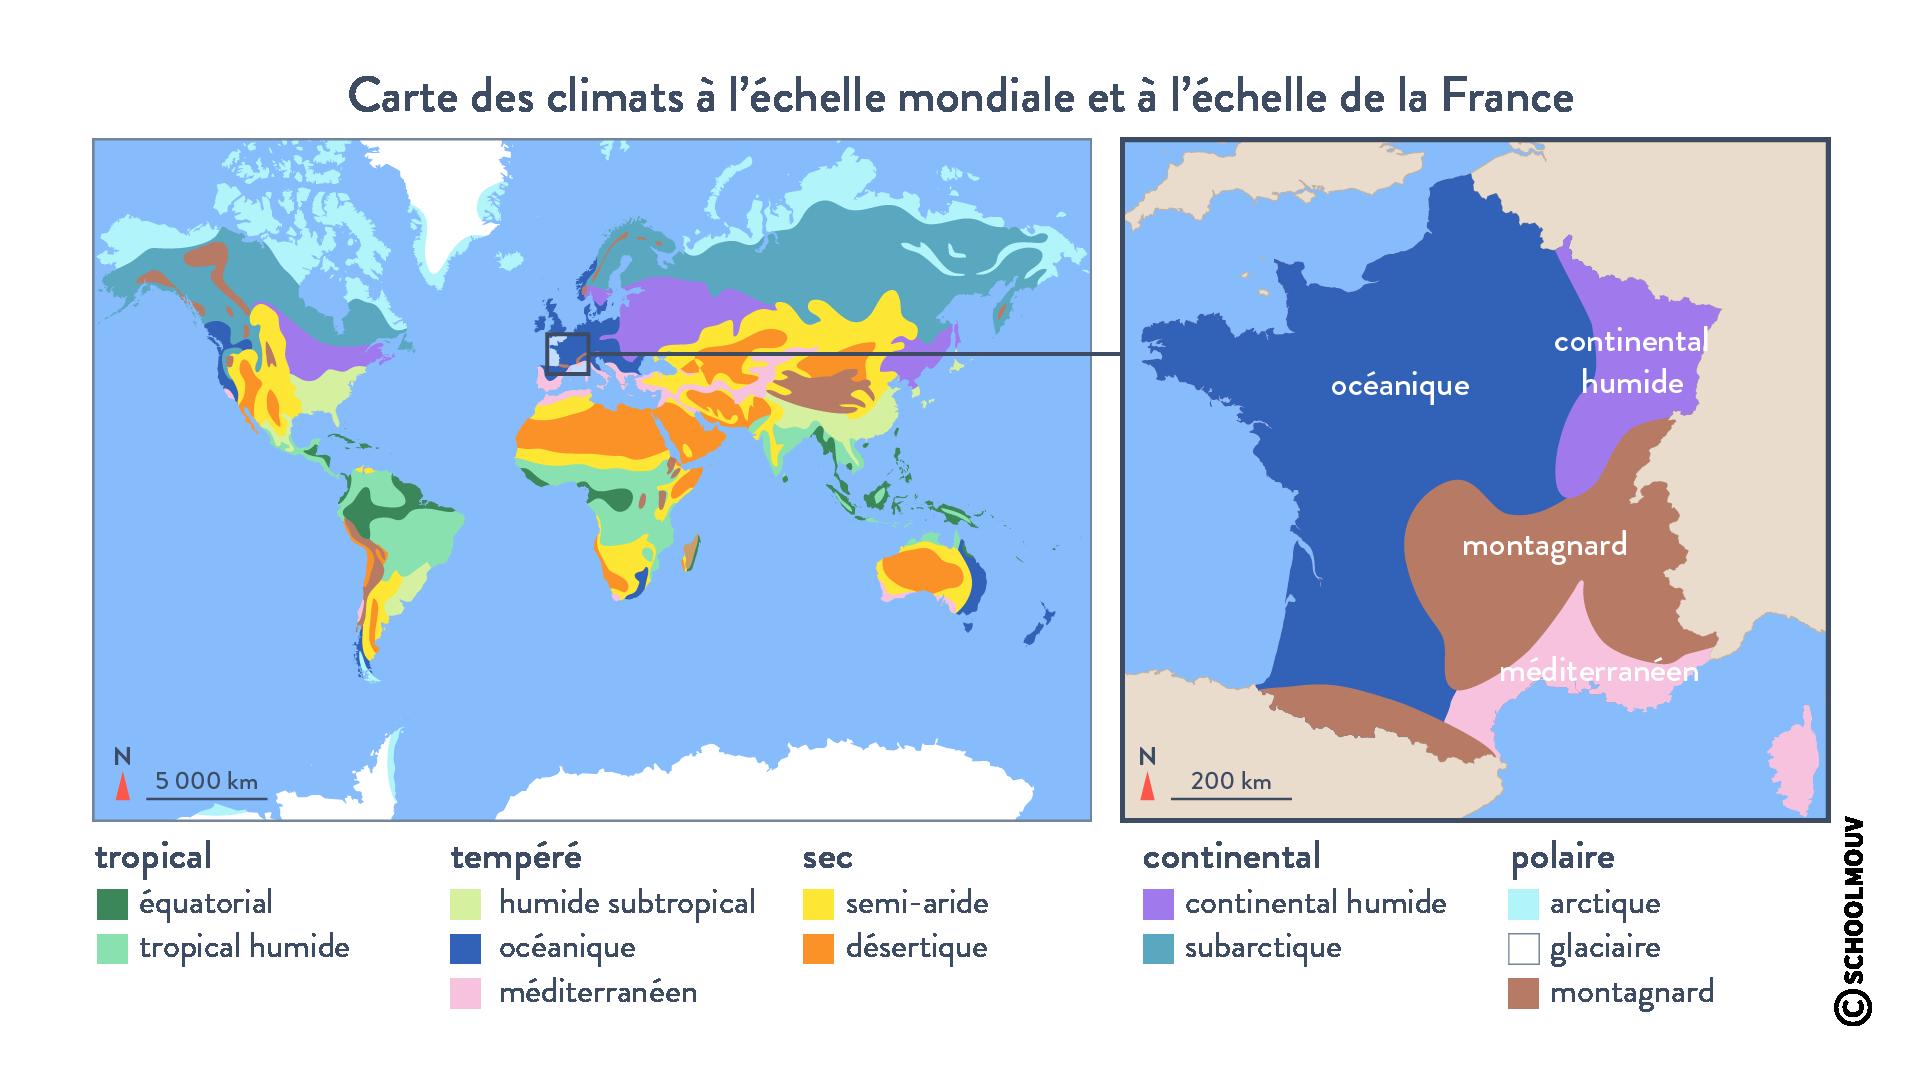 climats à l'échelle mondiale et à l'échelle régionale France